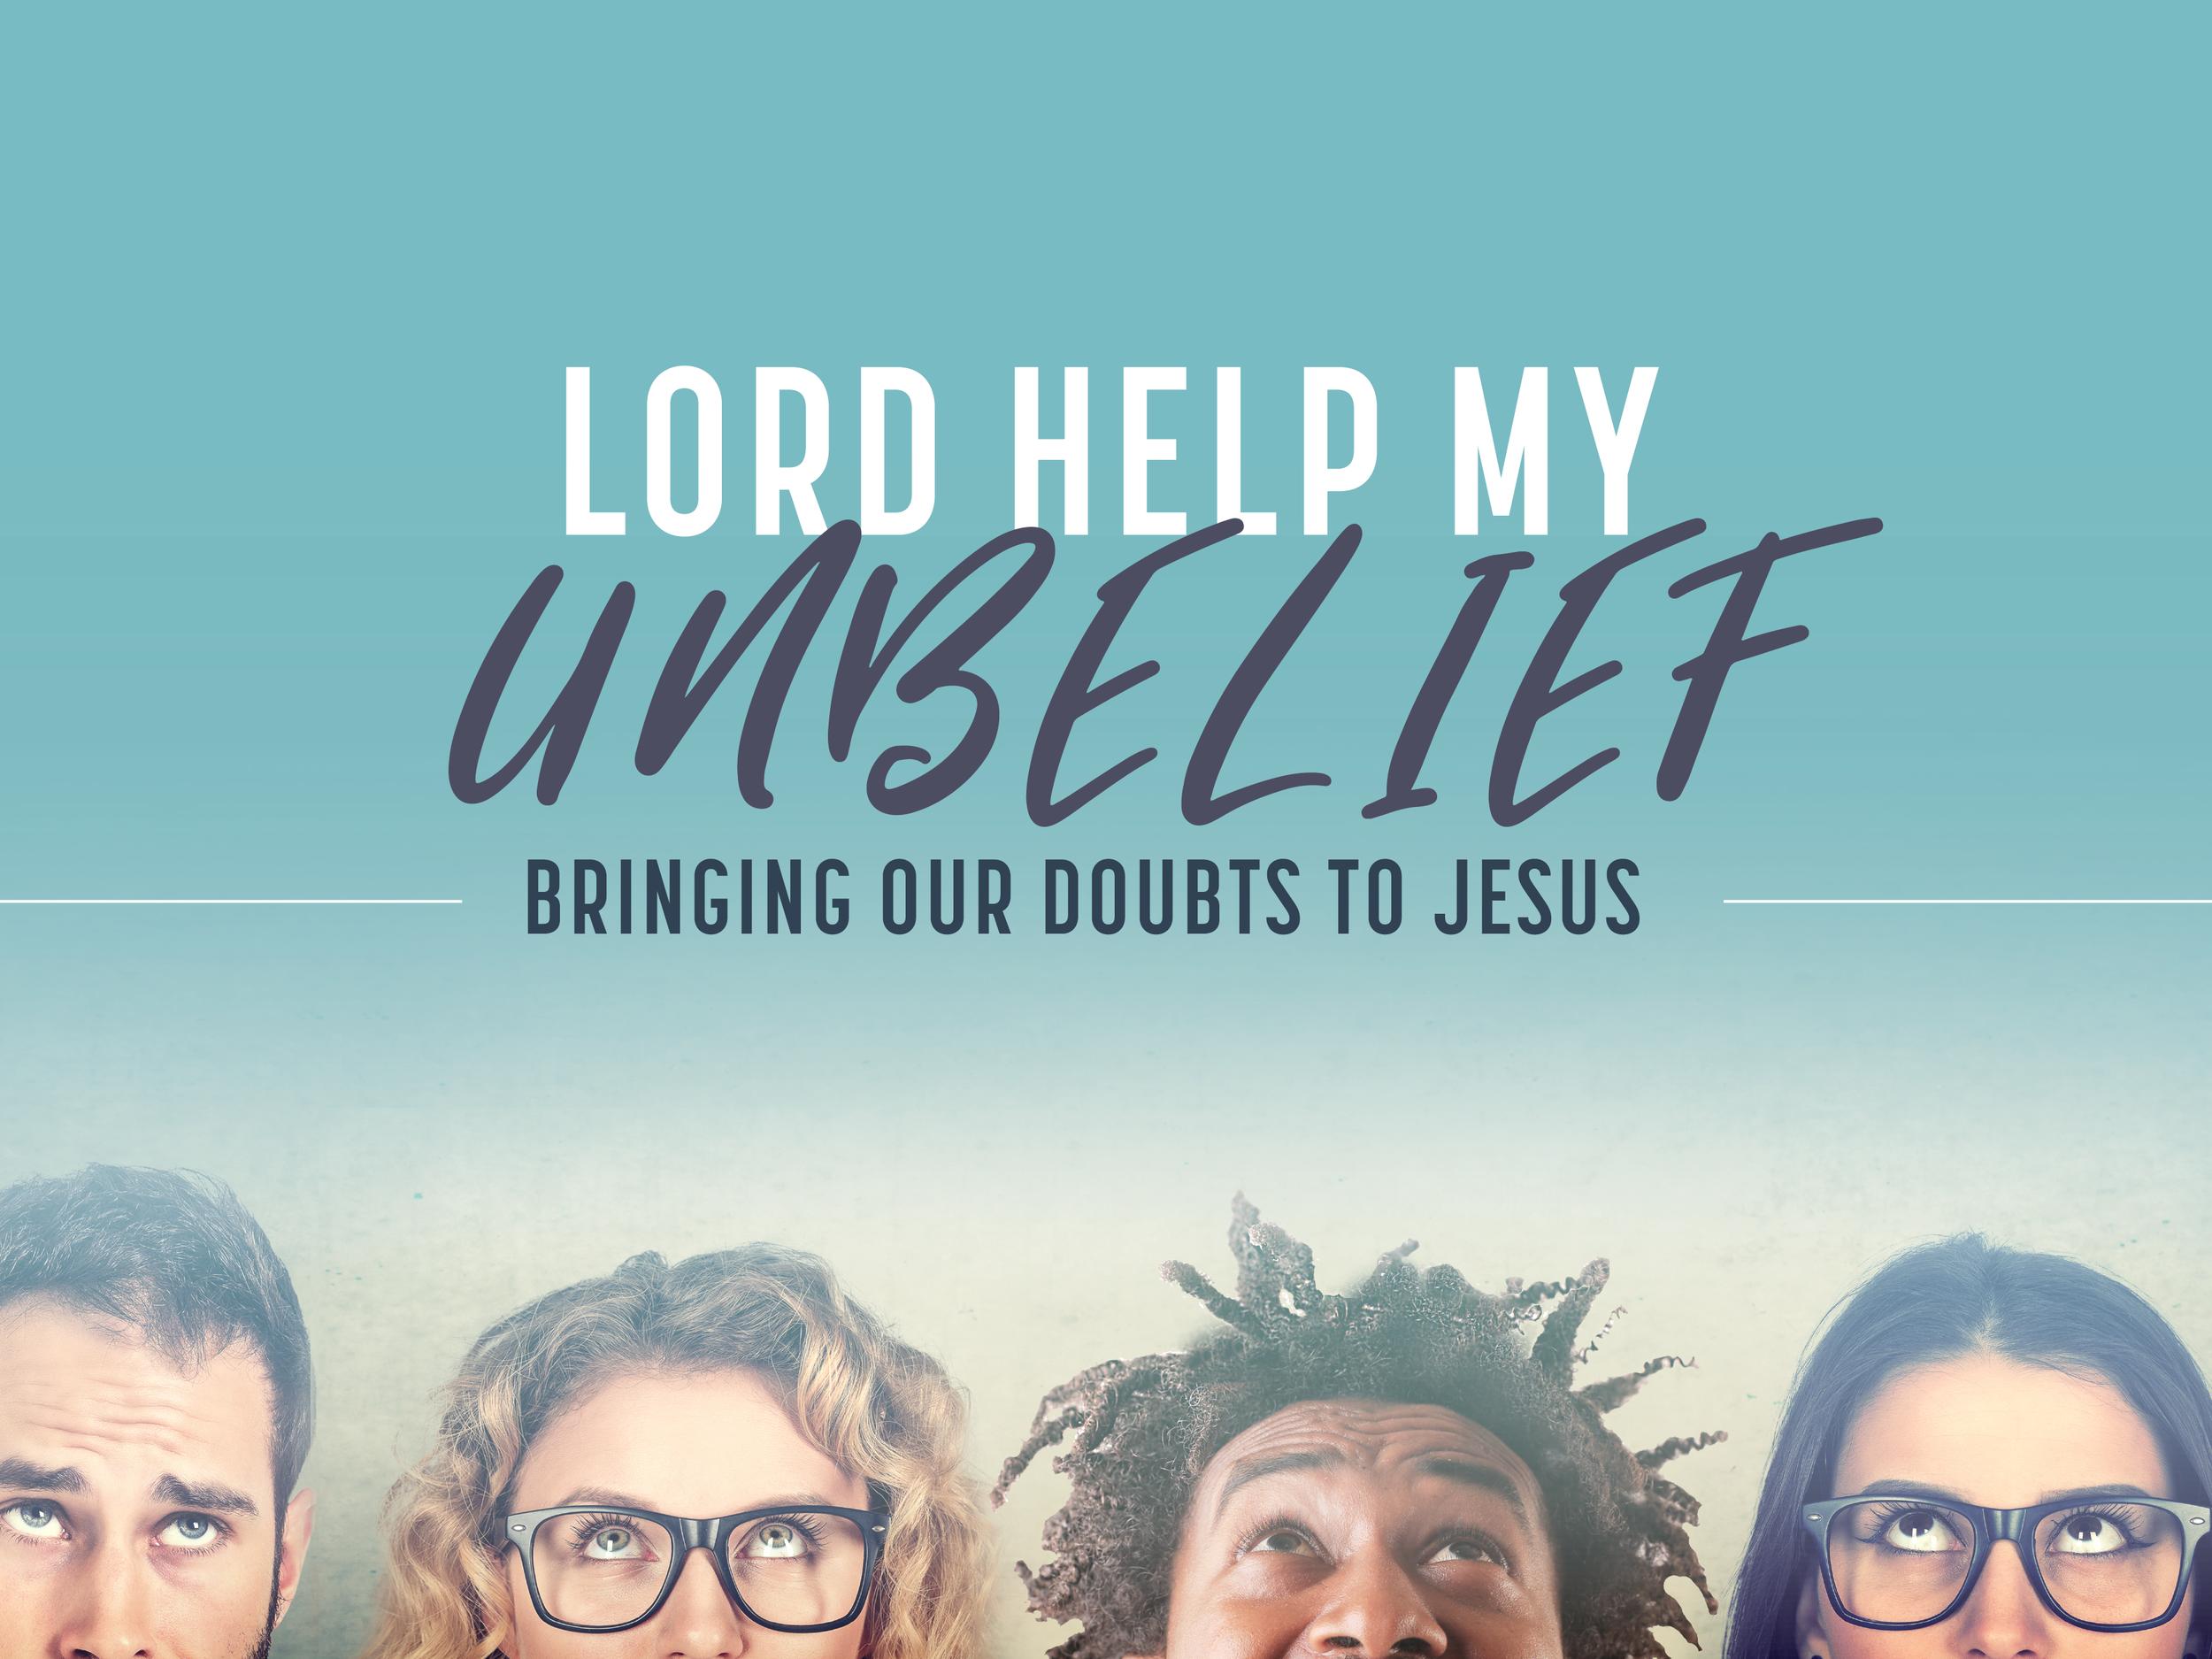 Help My Unbelief_Title.png